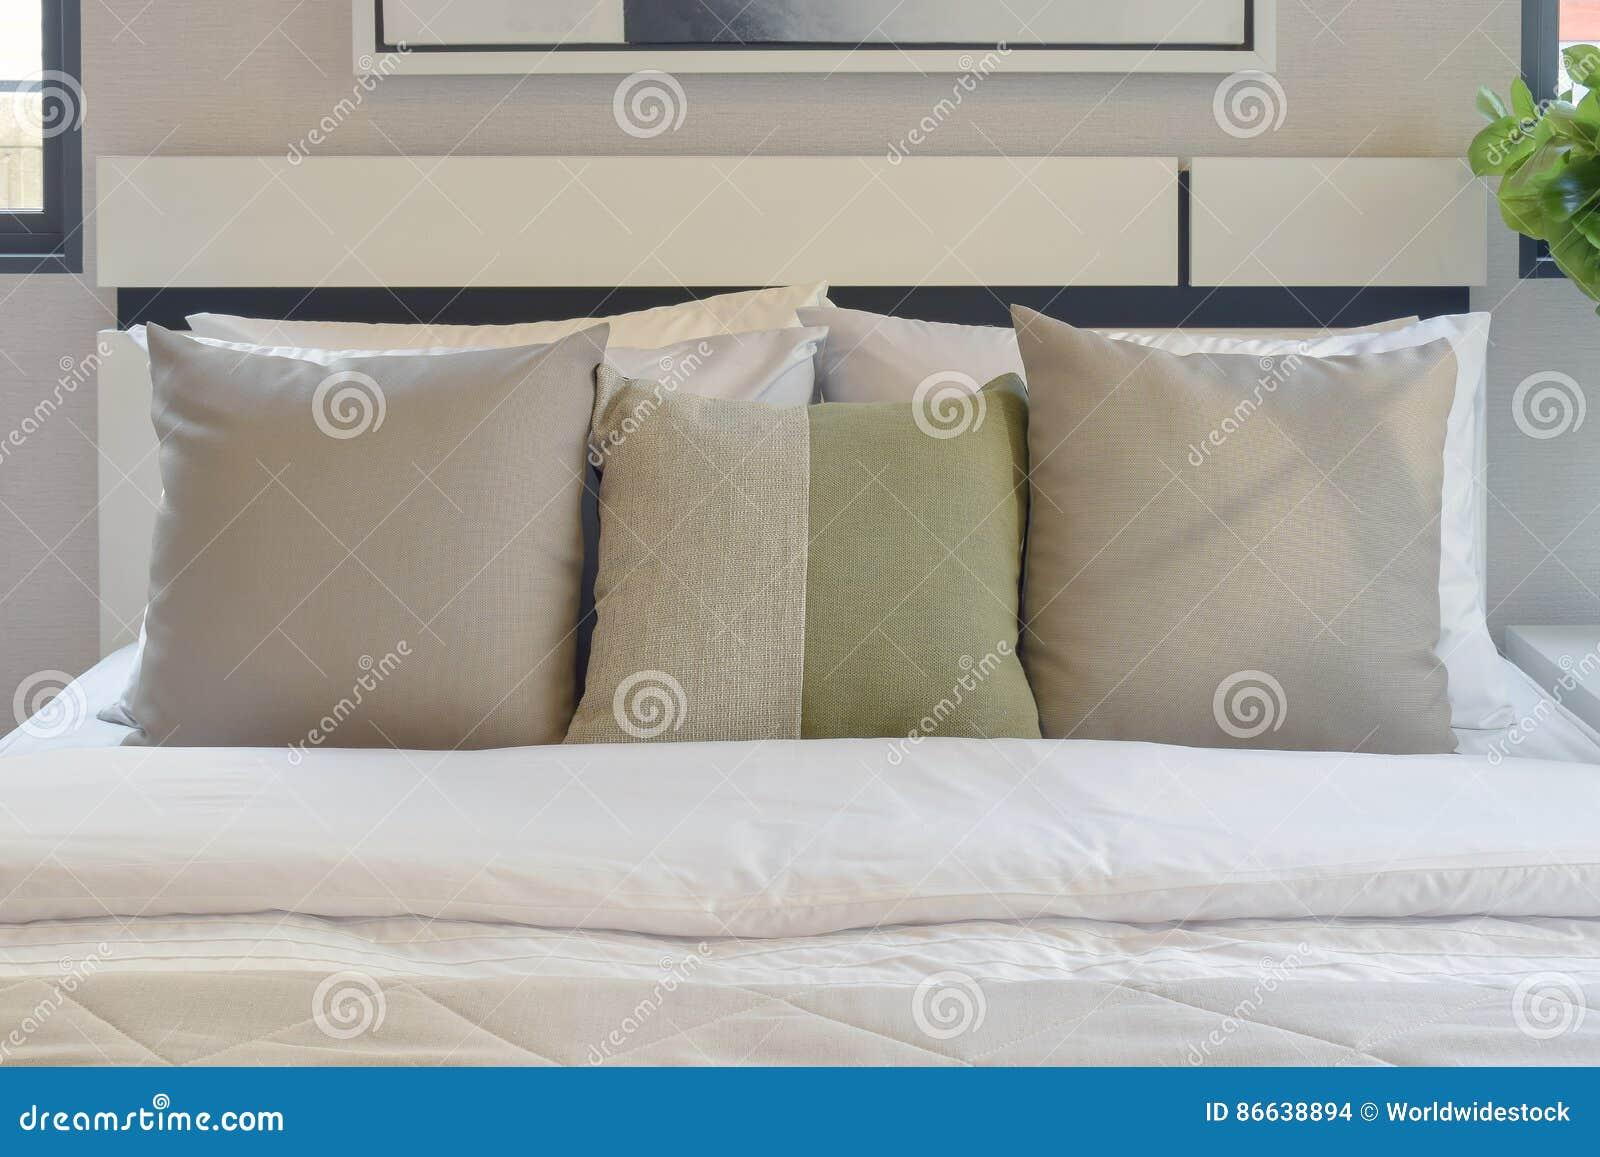 Slaapkamer Groen Wit : Moderne slaapkamer met groen en wit hoofdkussen op bed stock foto